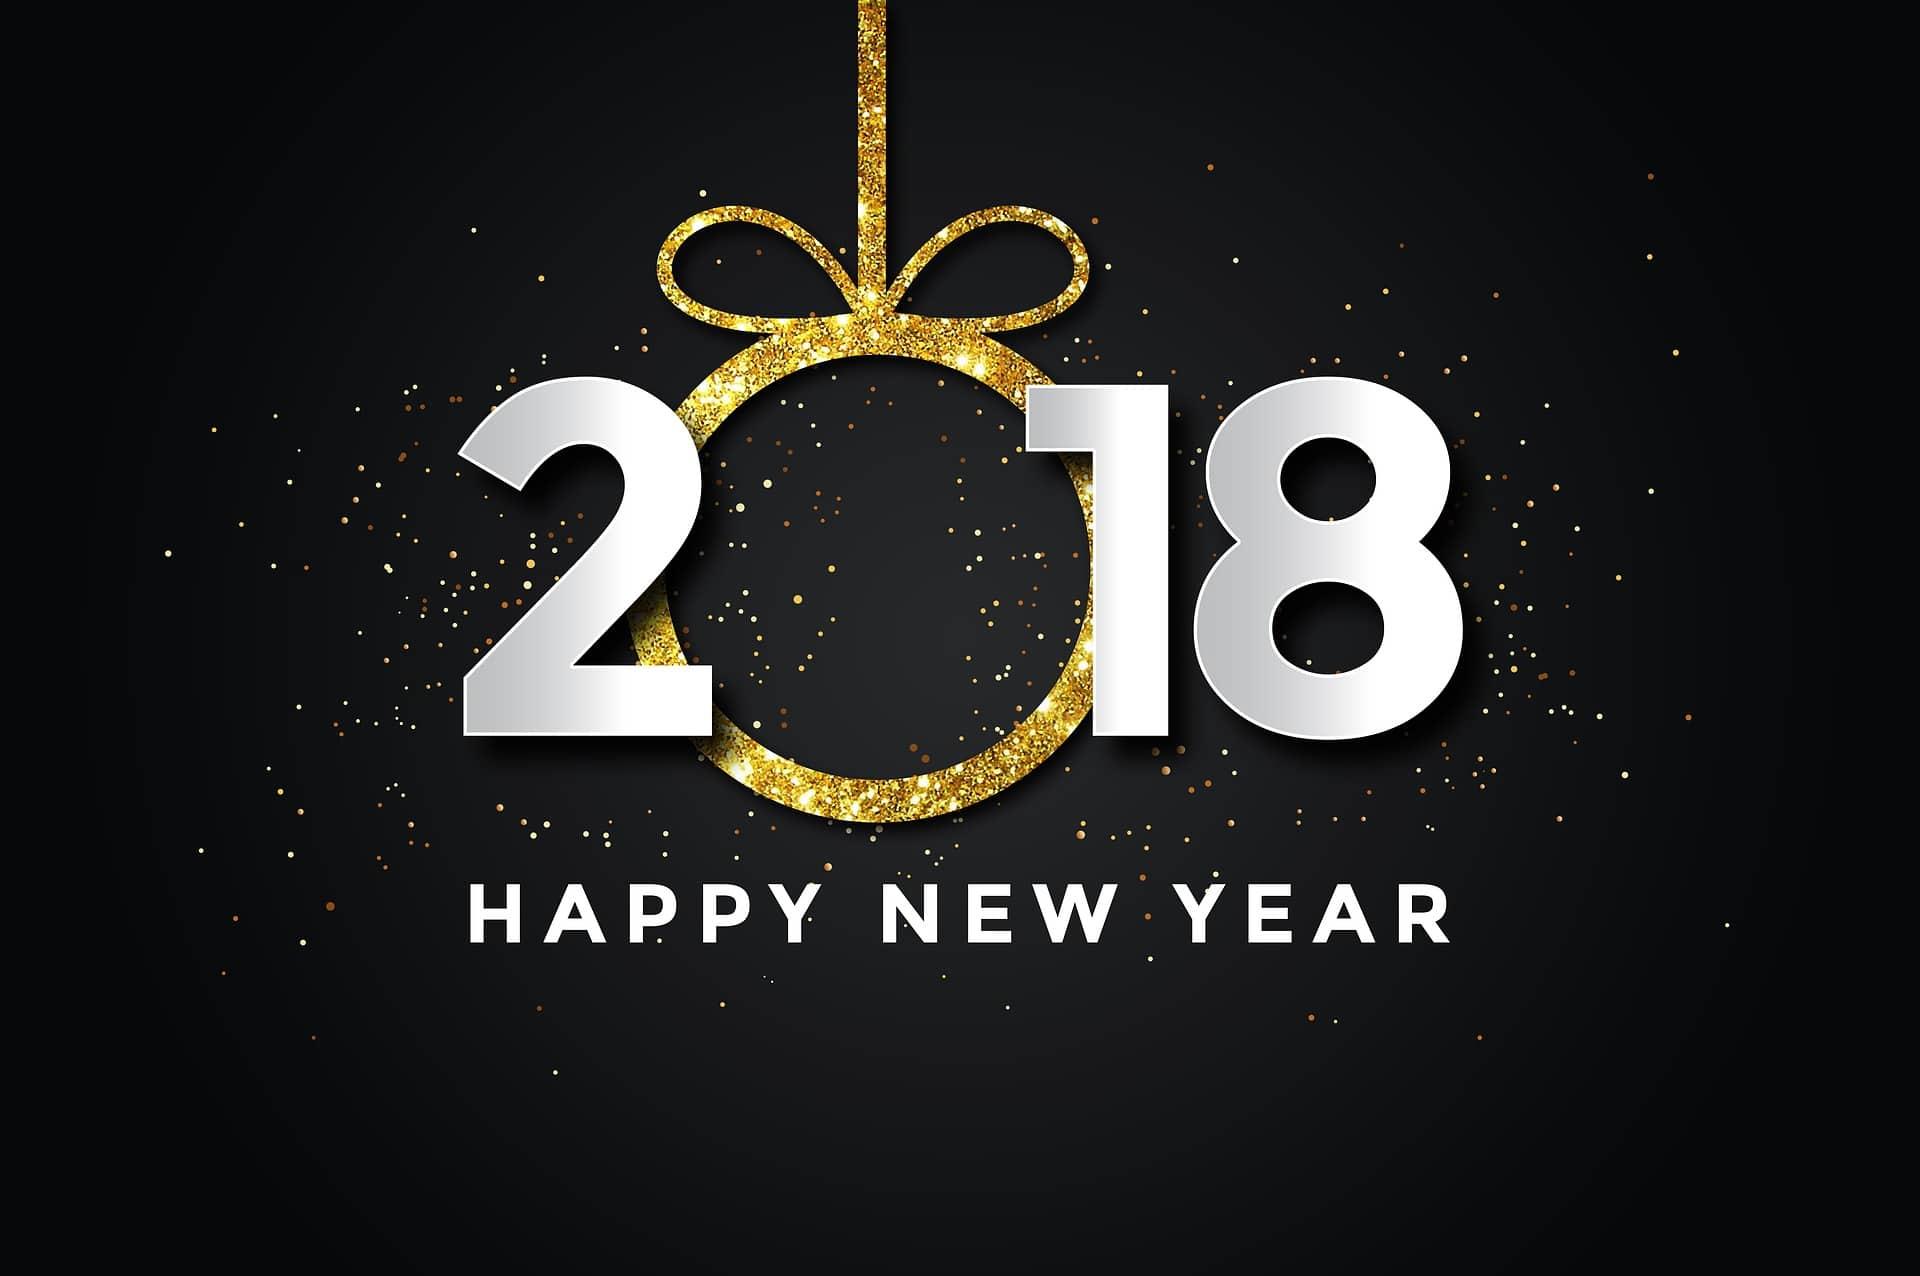 DreamPix vous souhaite une merveilleuse année 2018 !